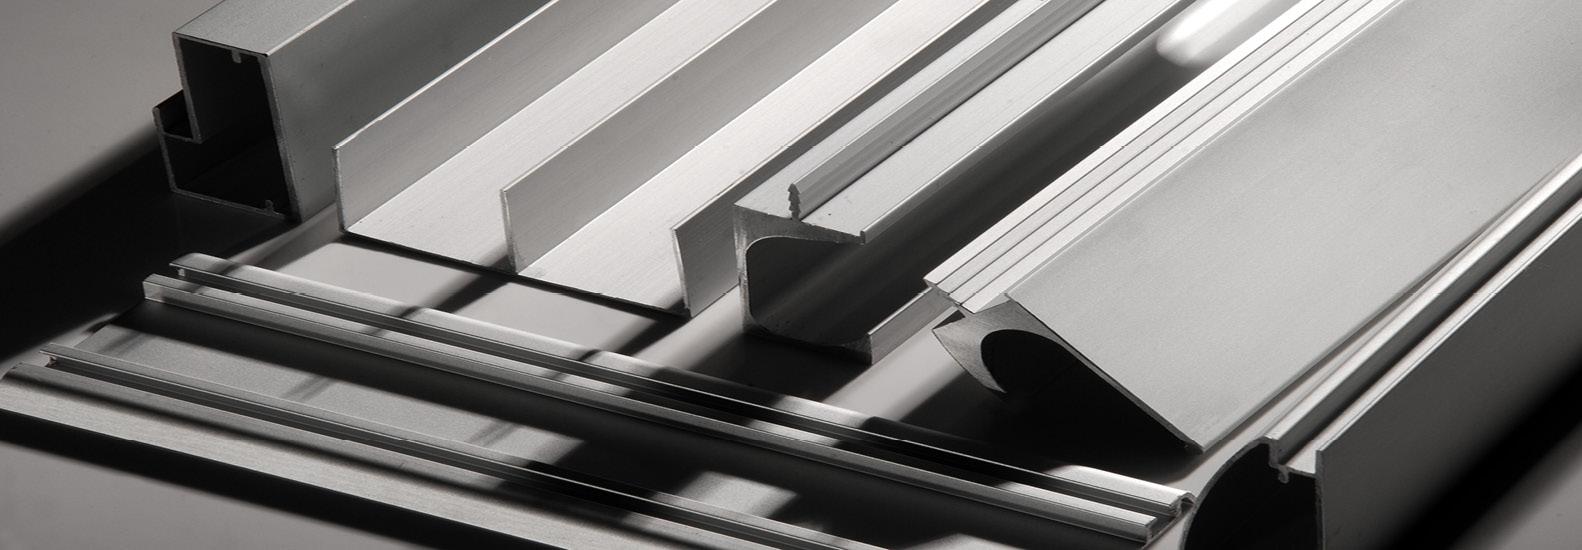 profili-in-alluminio-led-stripled-migliori-prezzi-online-bolzano-merano-bressanone-bz-alto-adige